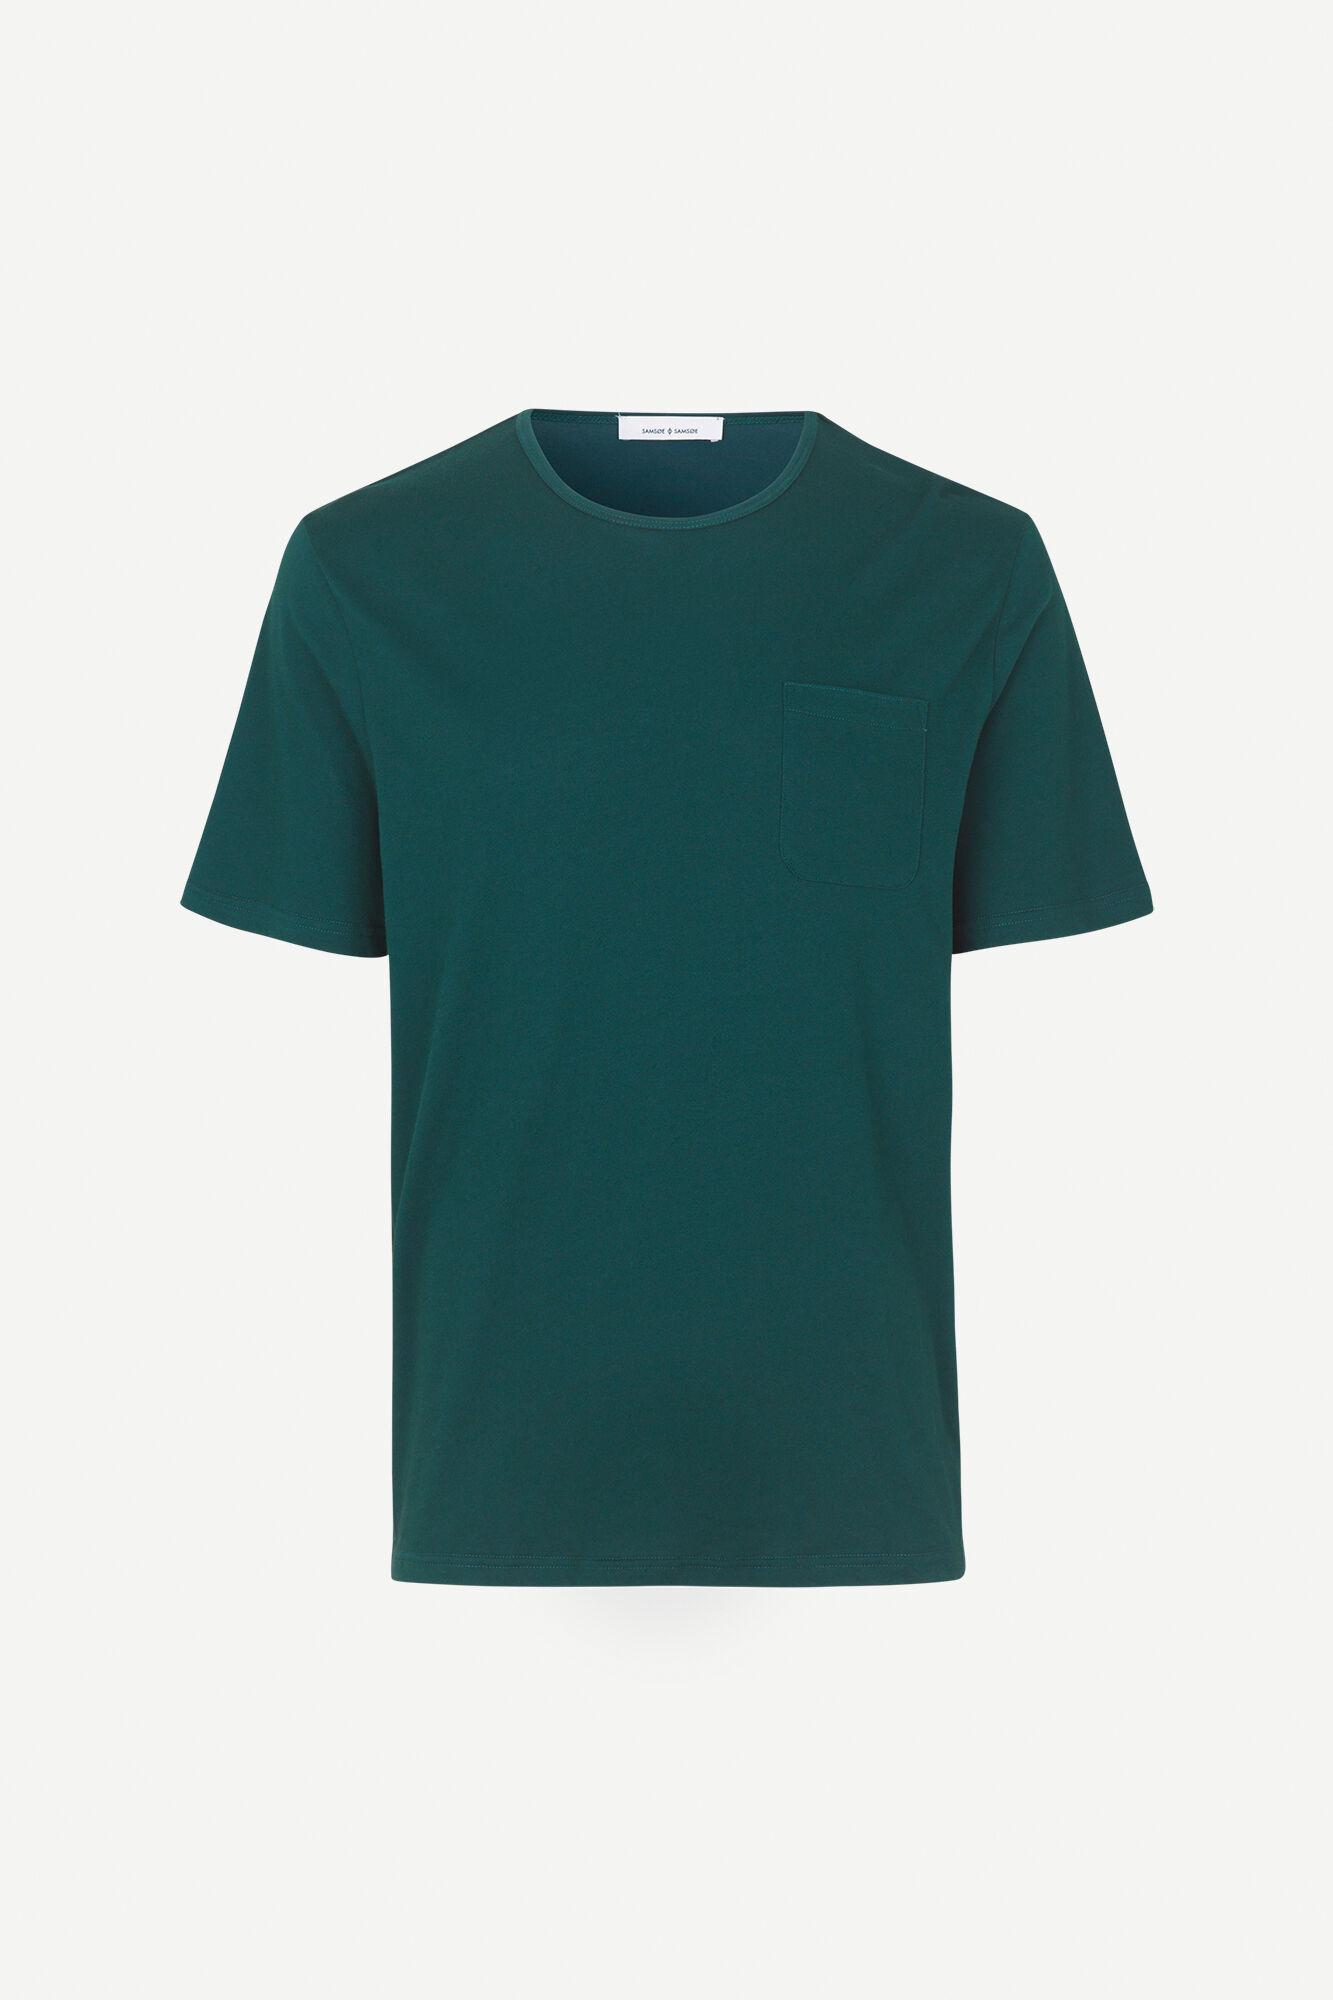 Finn t-shirt 11072